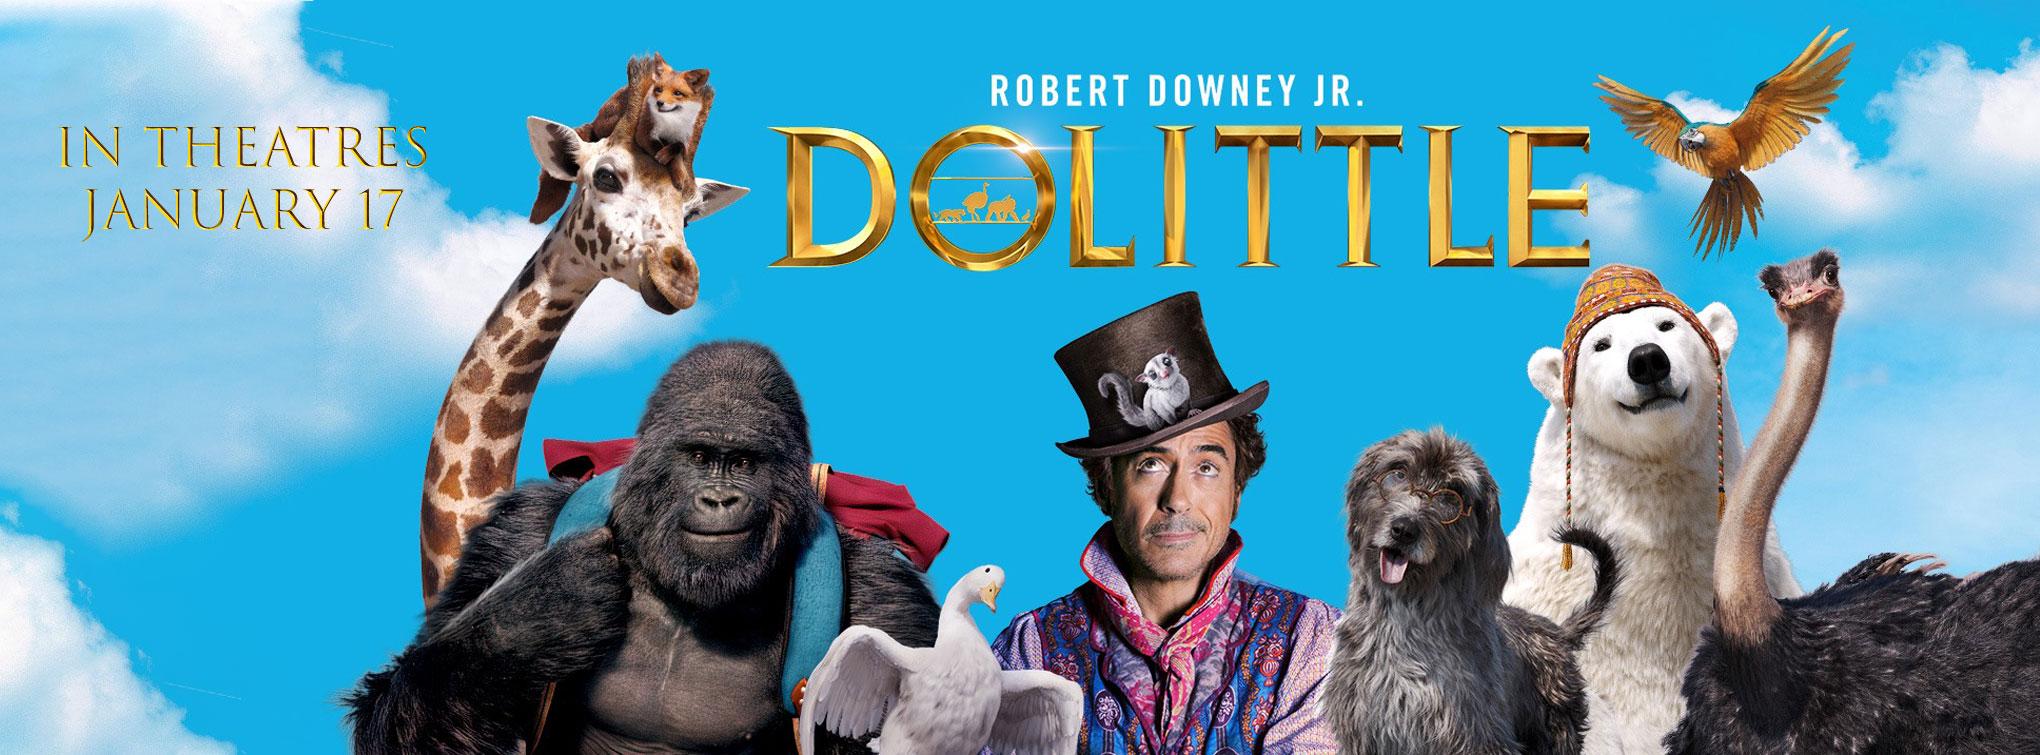 Slider image for Dolittle